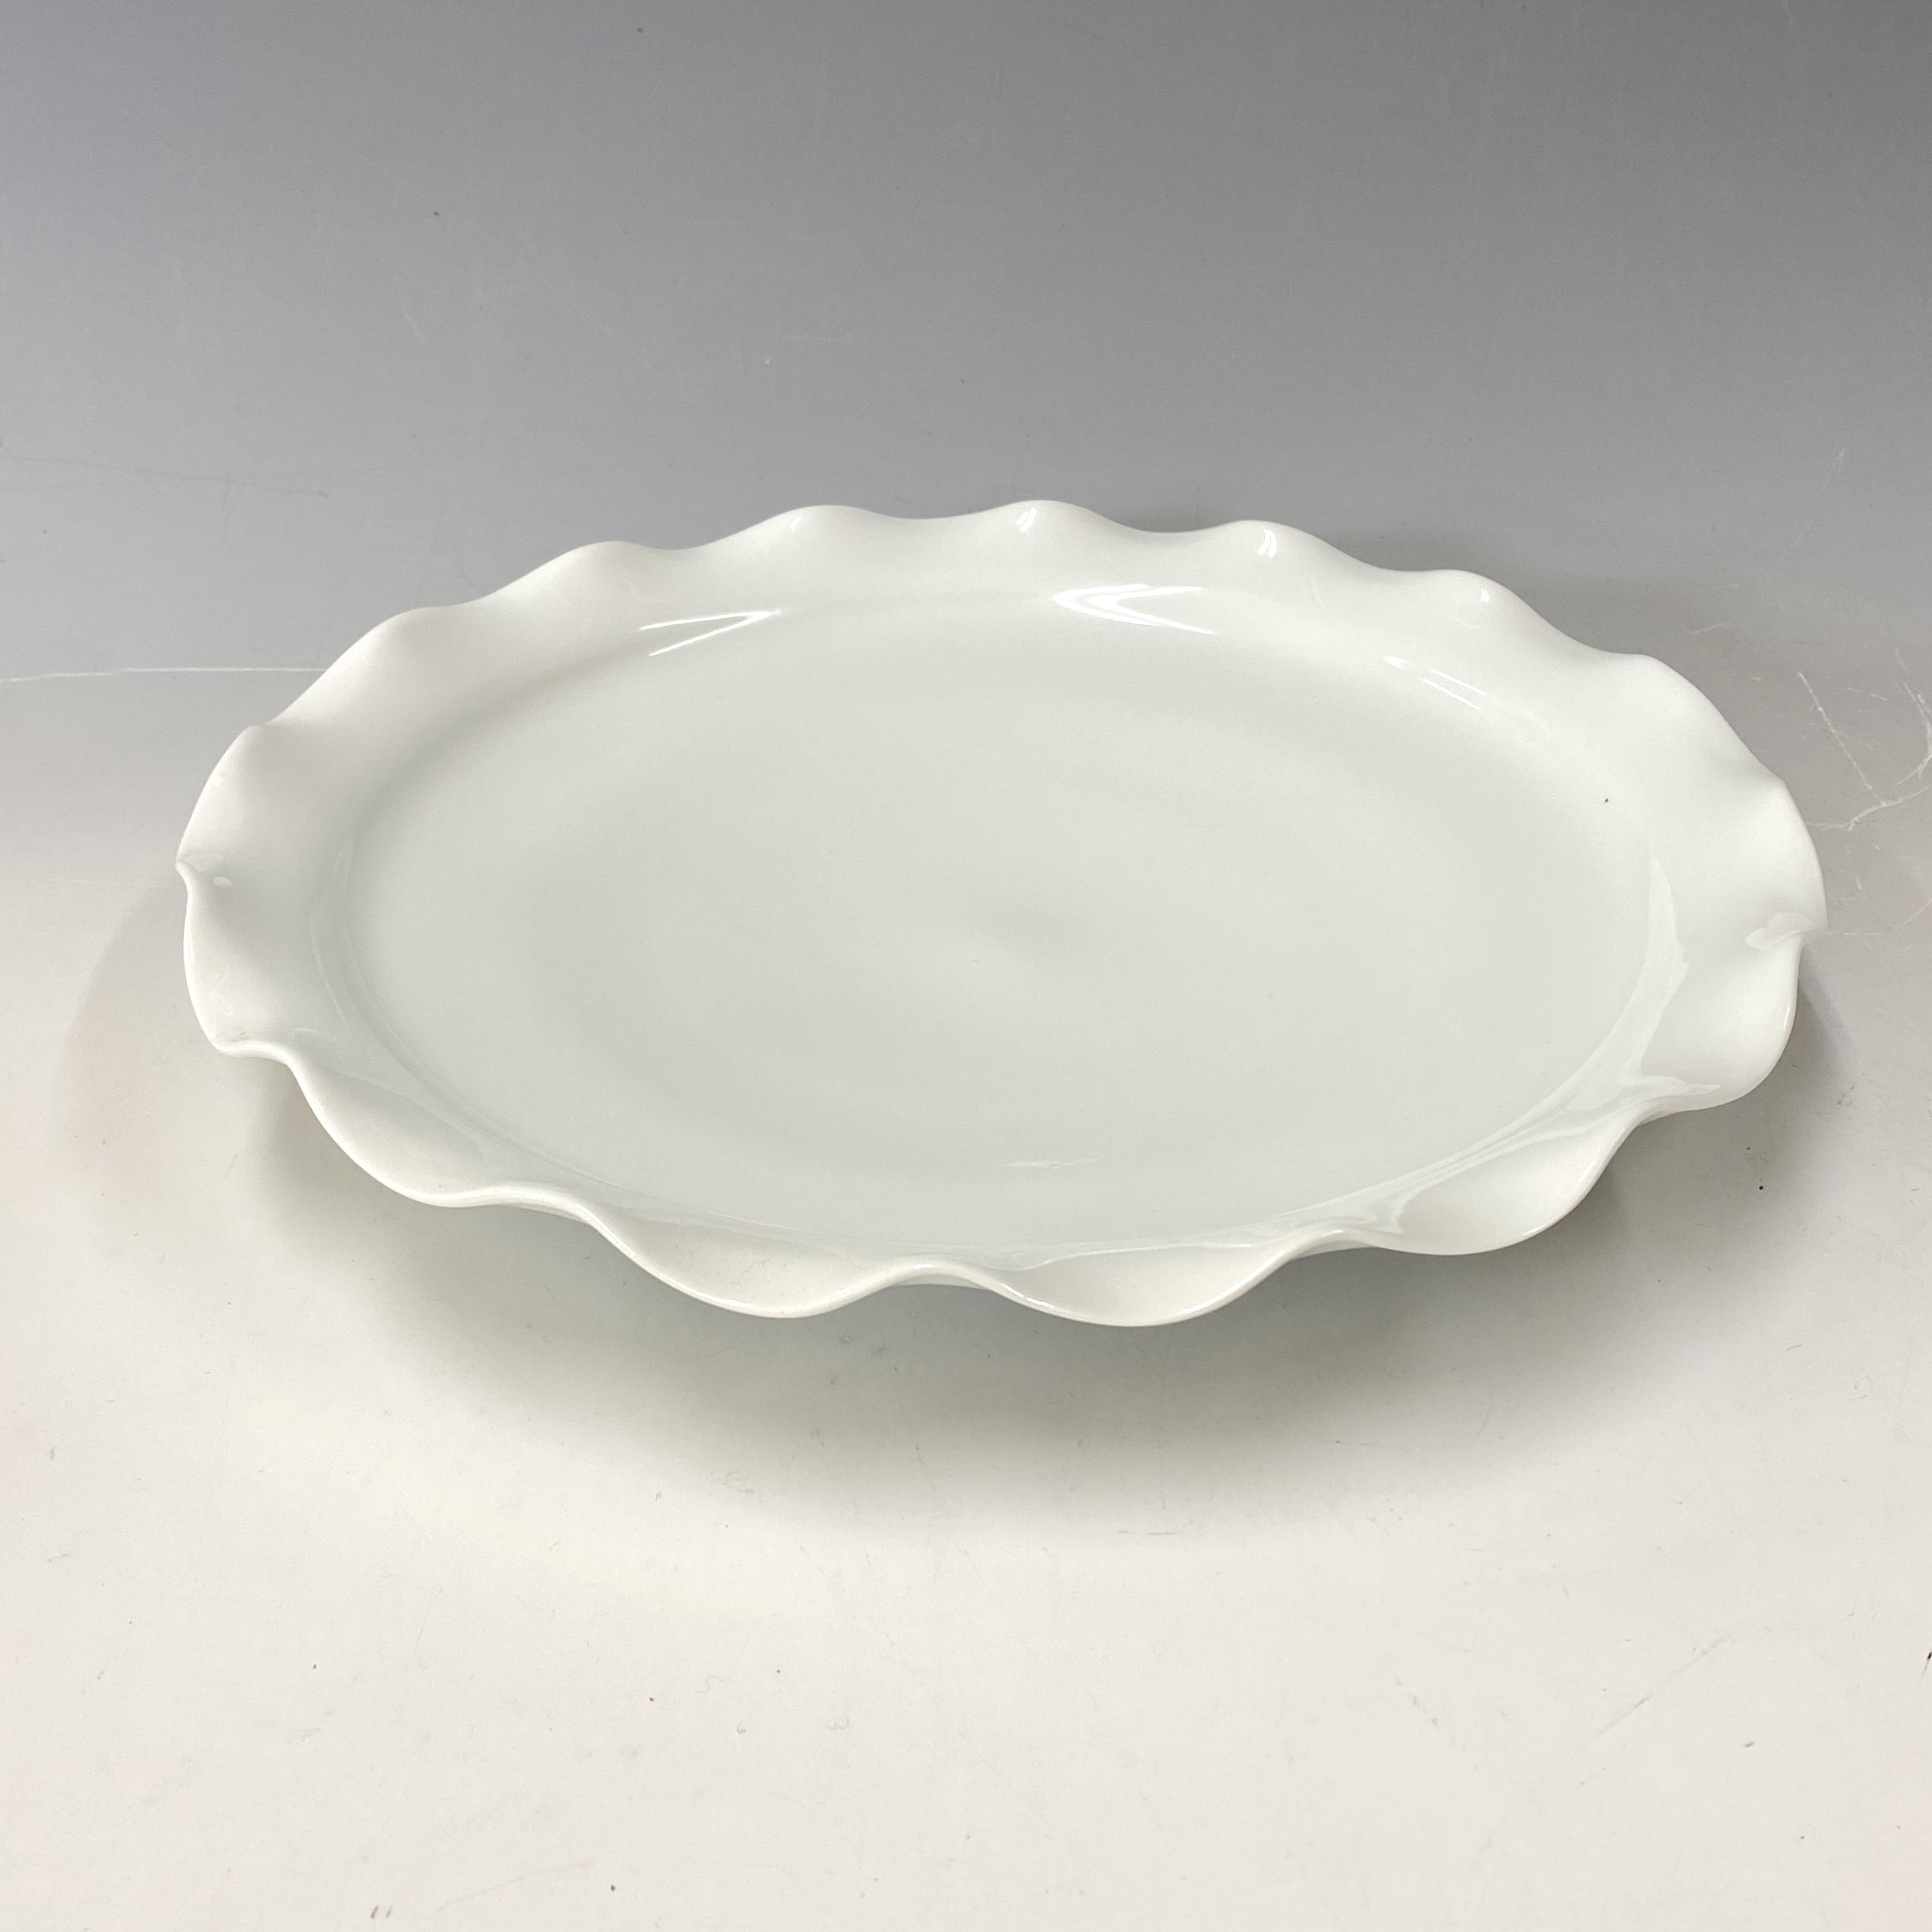 【中尾恭純】白磁ビラ大皿